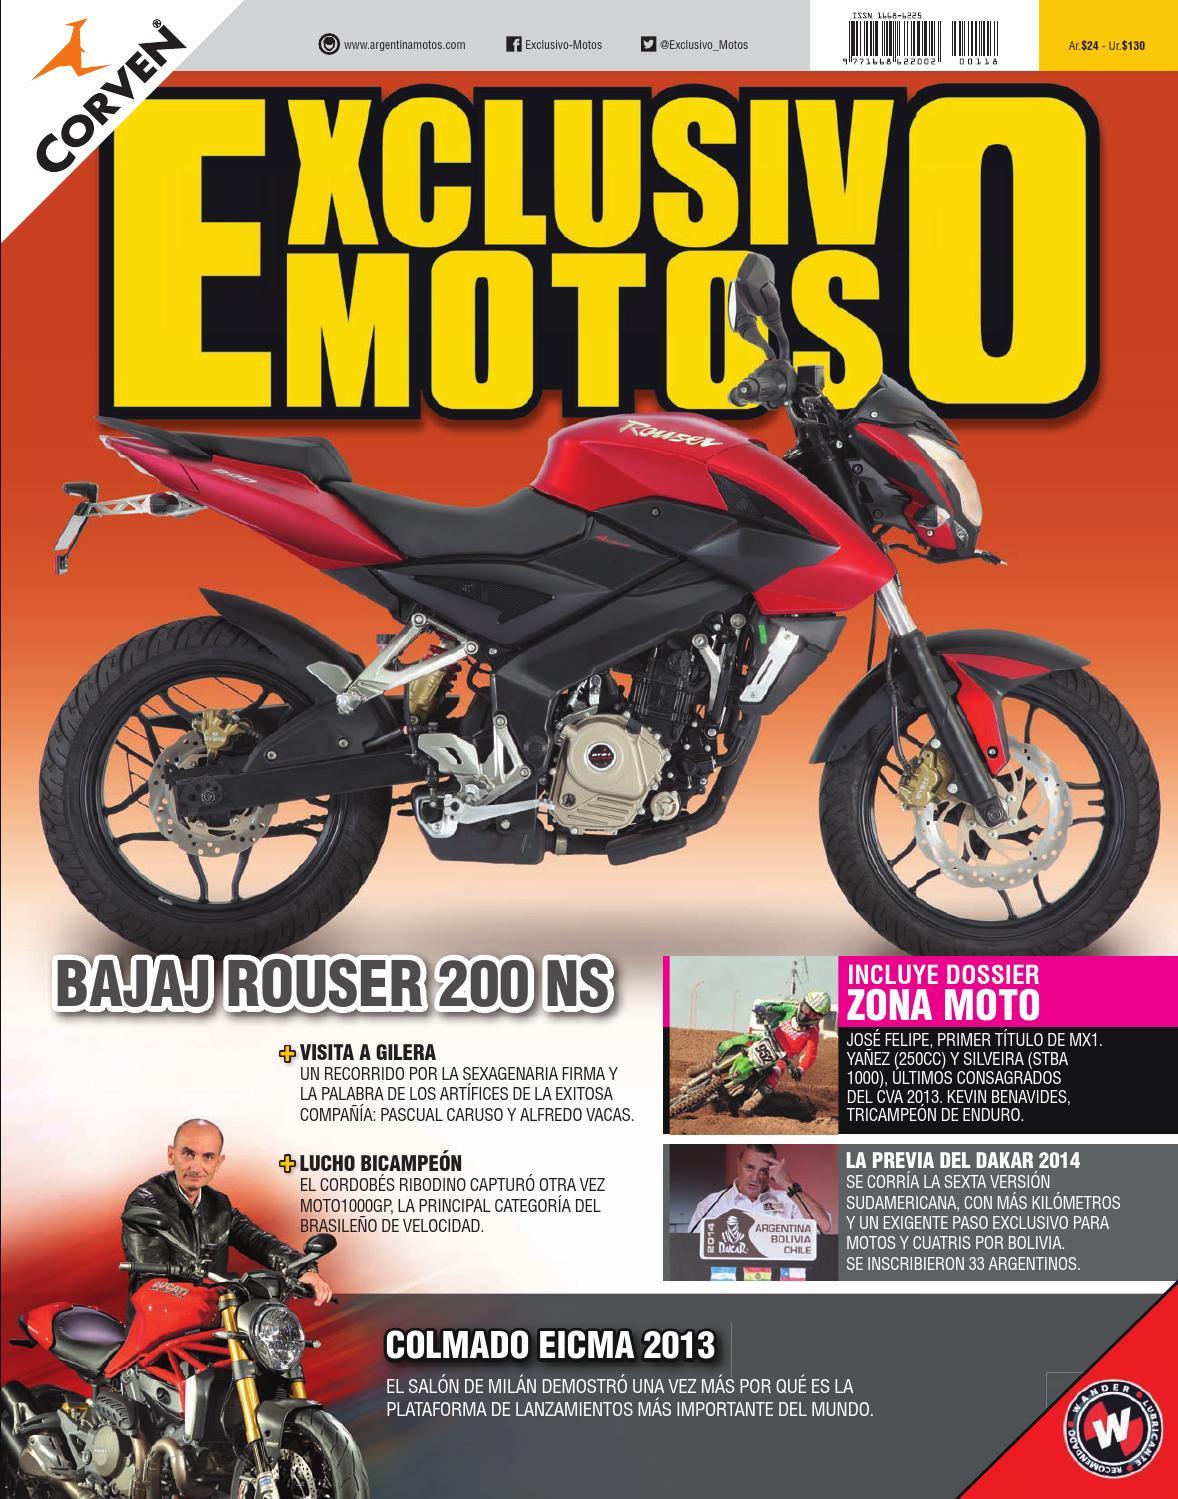 EXM 118 by Exclusivo Motos - issuu 88413706bc8